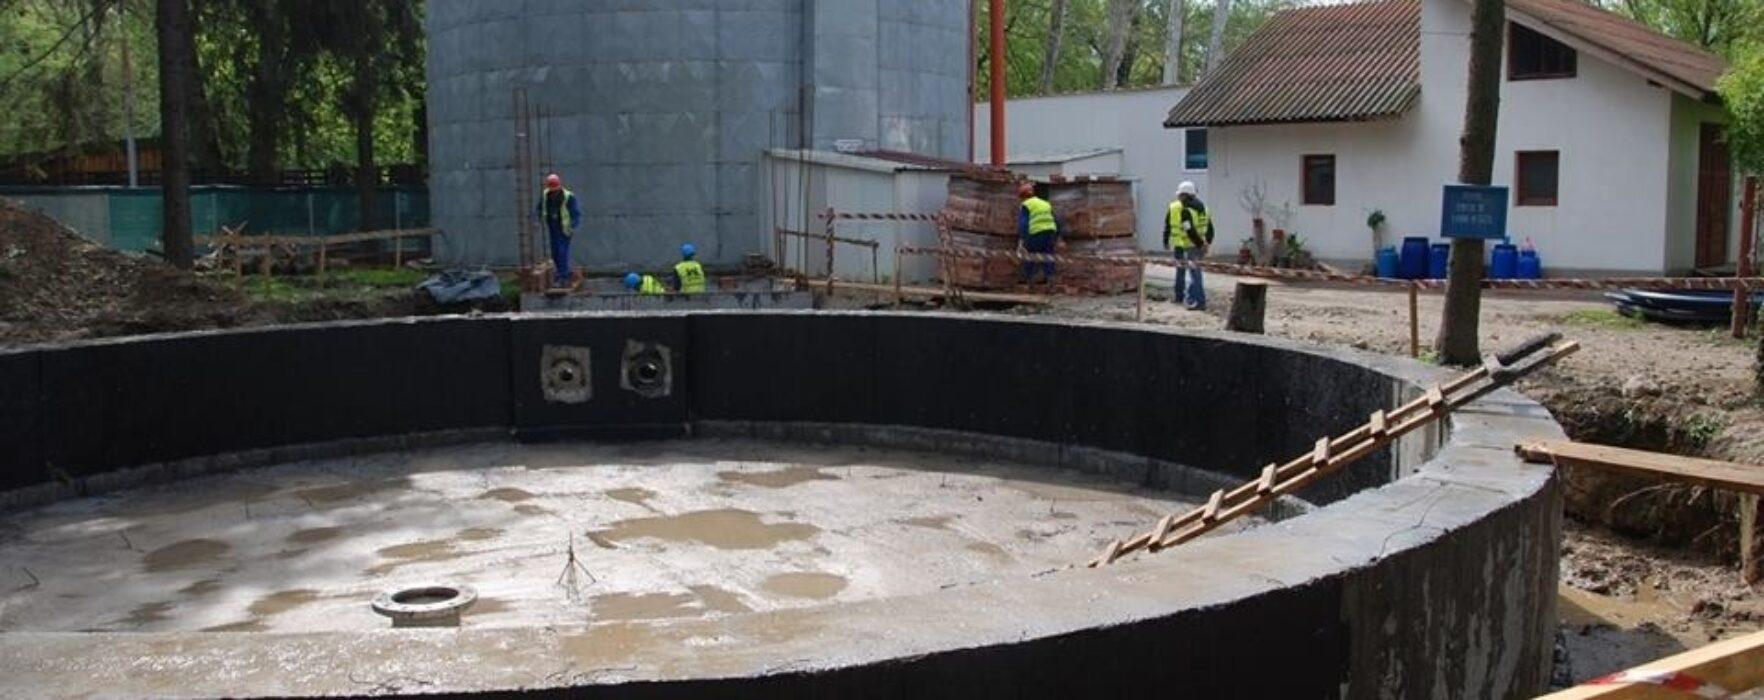 Moreni: Lucrările la staţia de epurare, blocate în urma falimentului constructorului